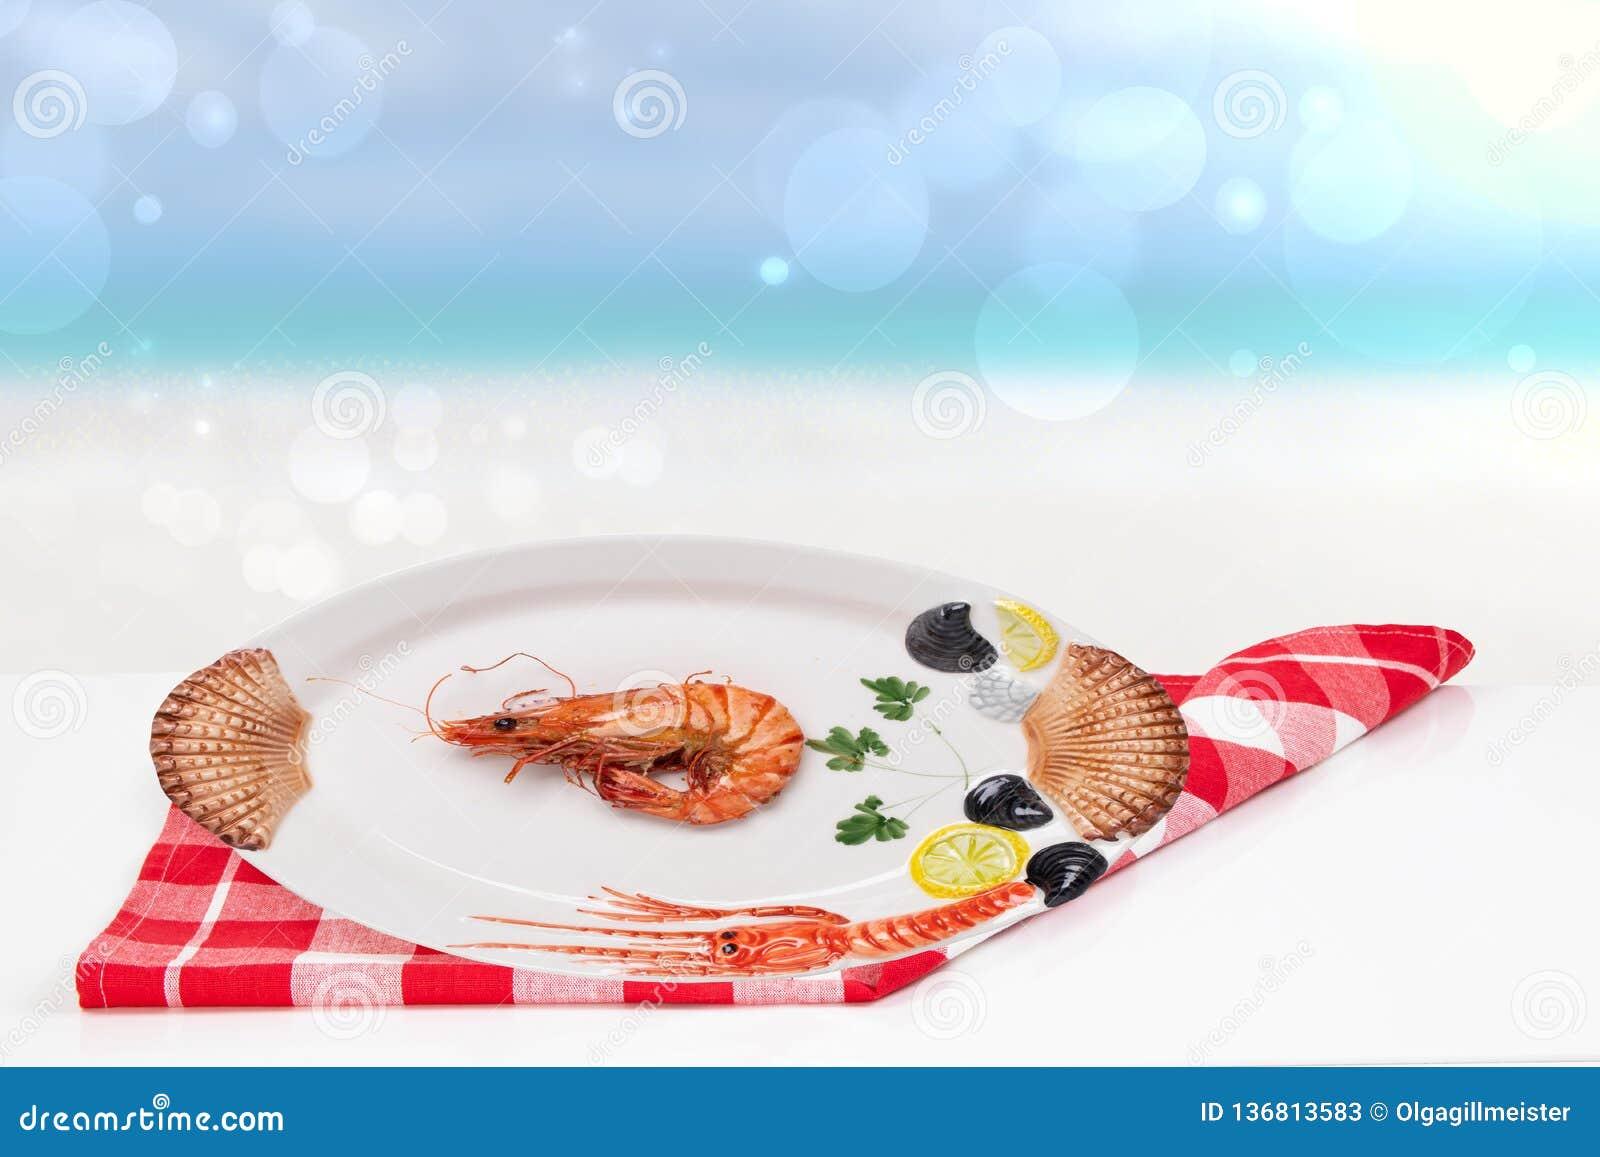 Stołowy wierzchołek na owoce morza tle Świeży piec na grillu duży krewetka tygrys, garnele na białym stole przed abstraktem lub z